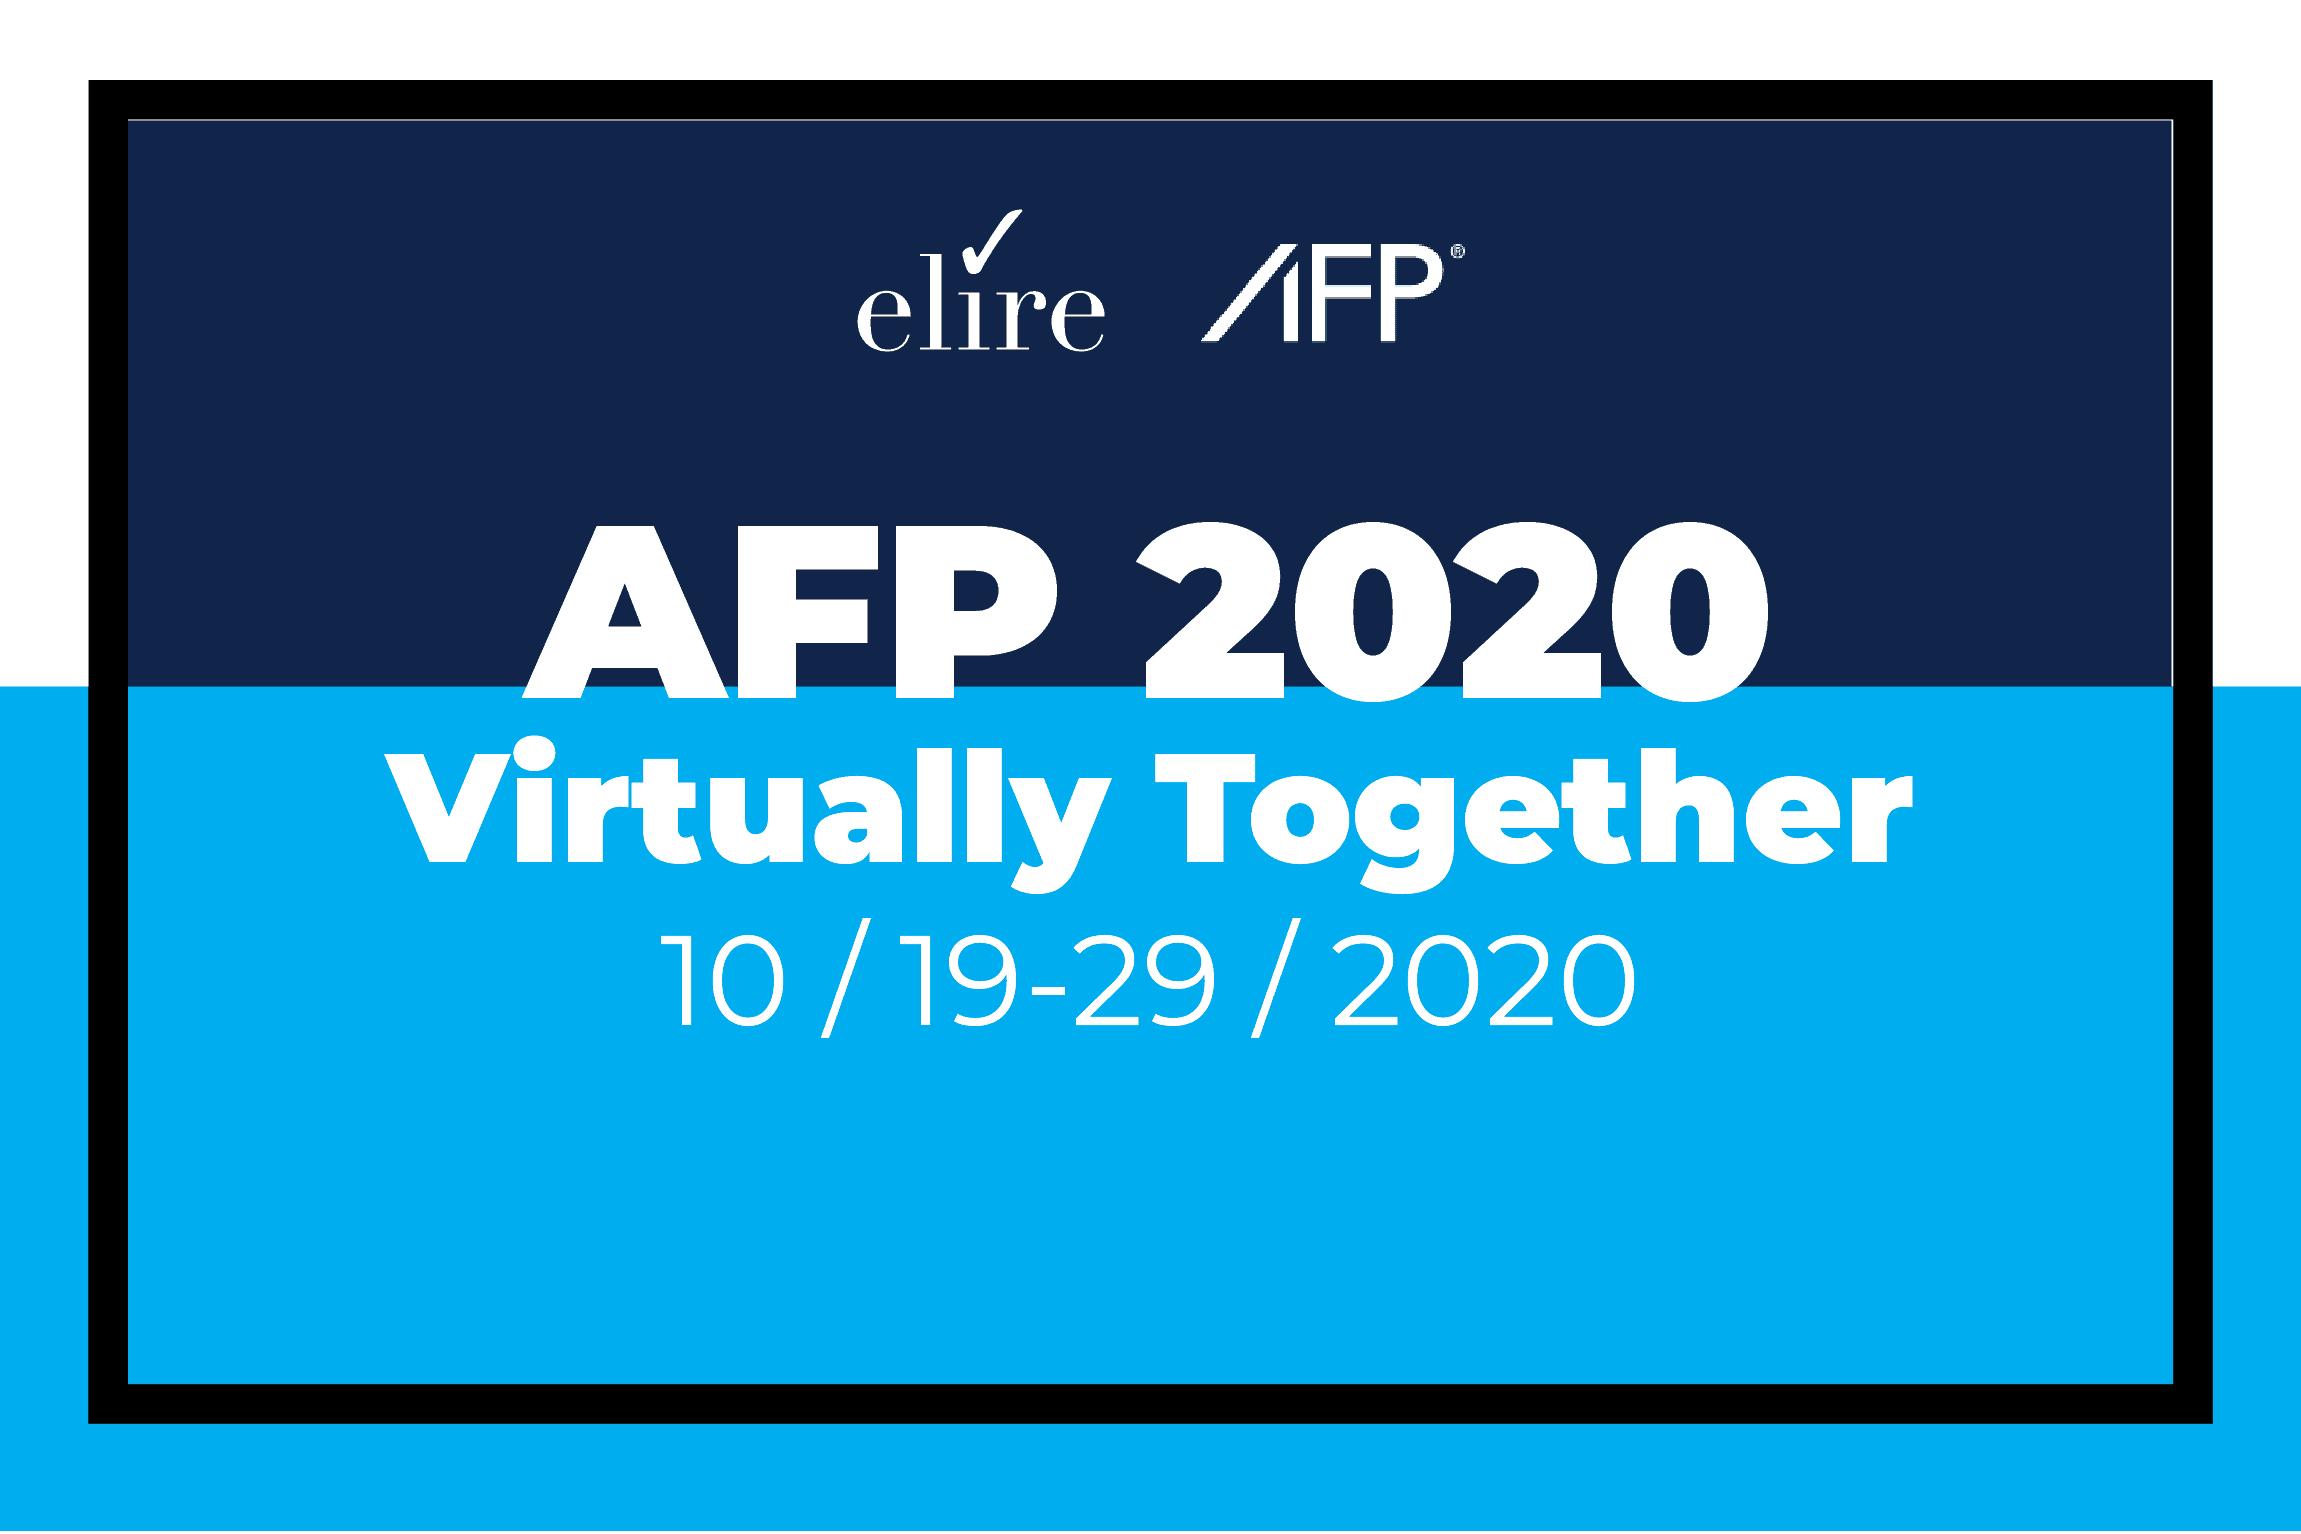 AFP 2020